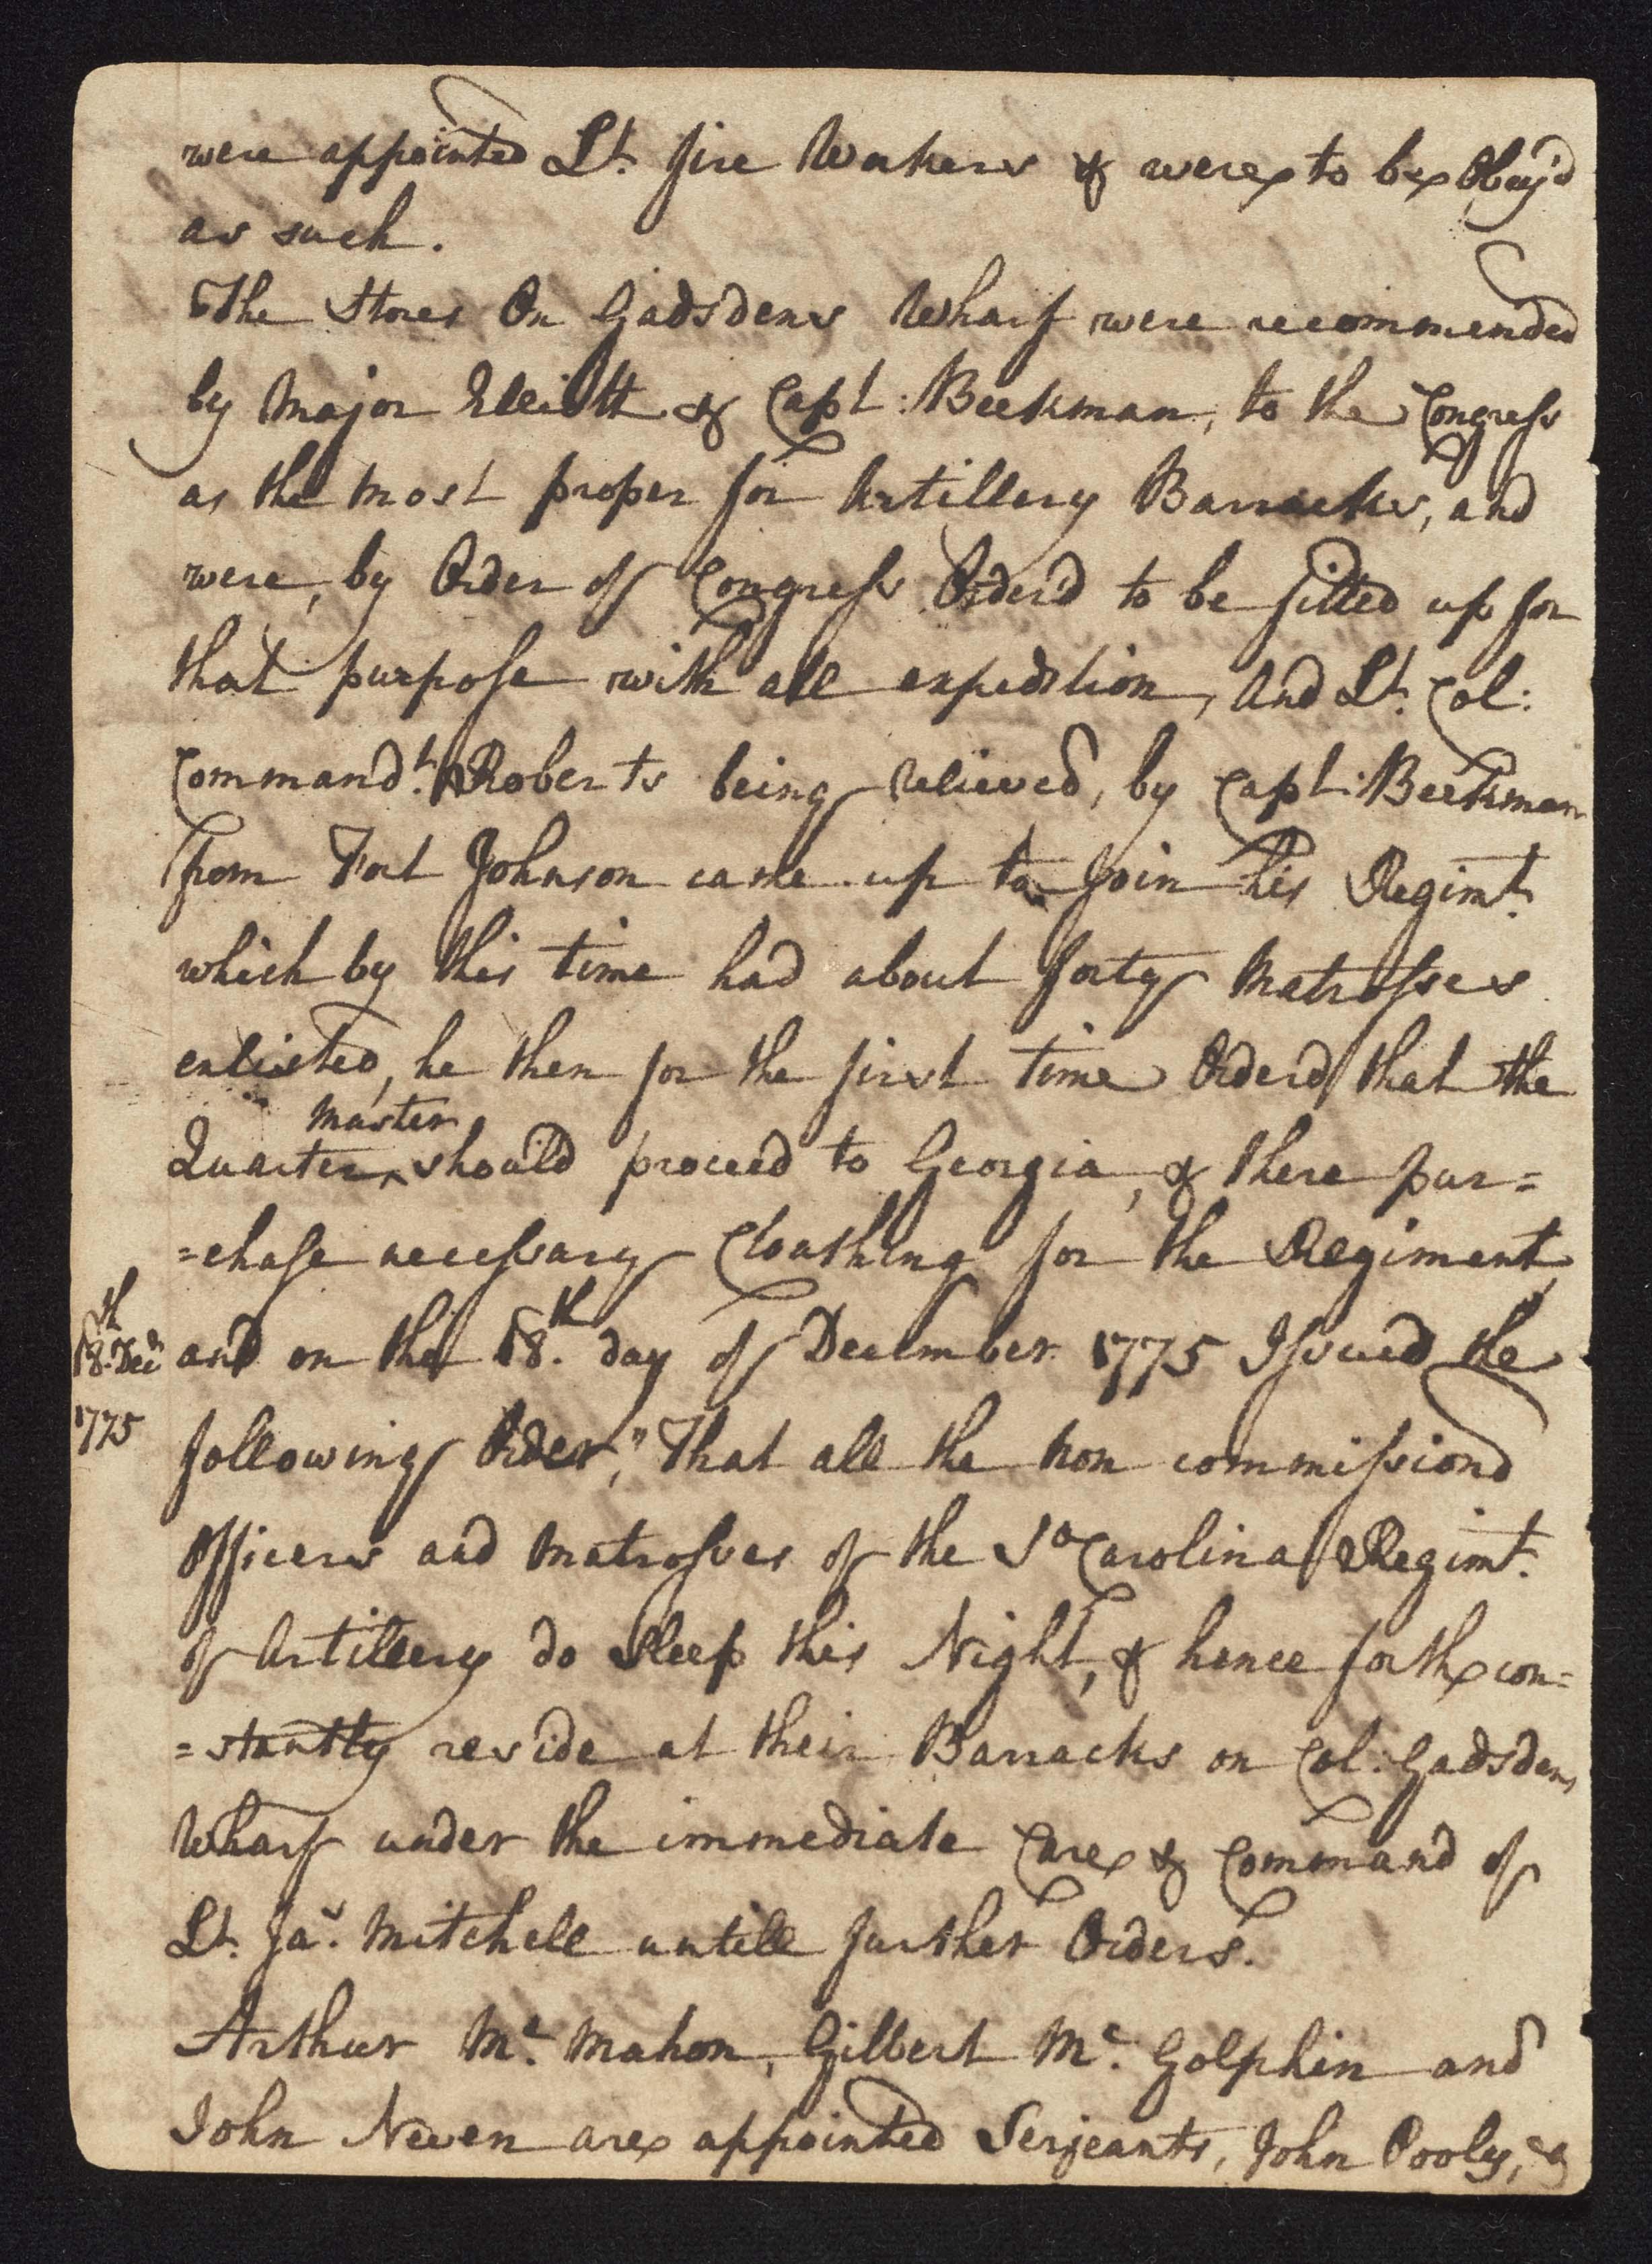 South Carolina Regiment Order Book, Page 52